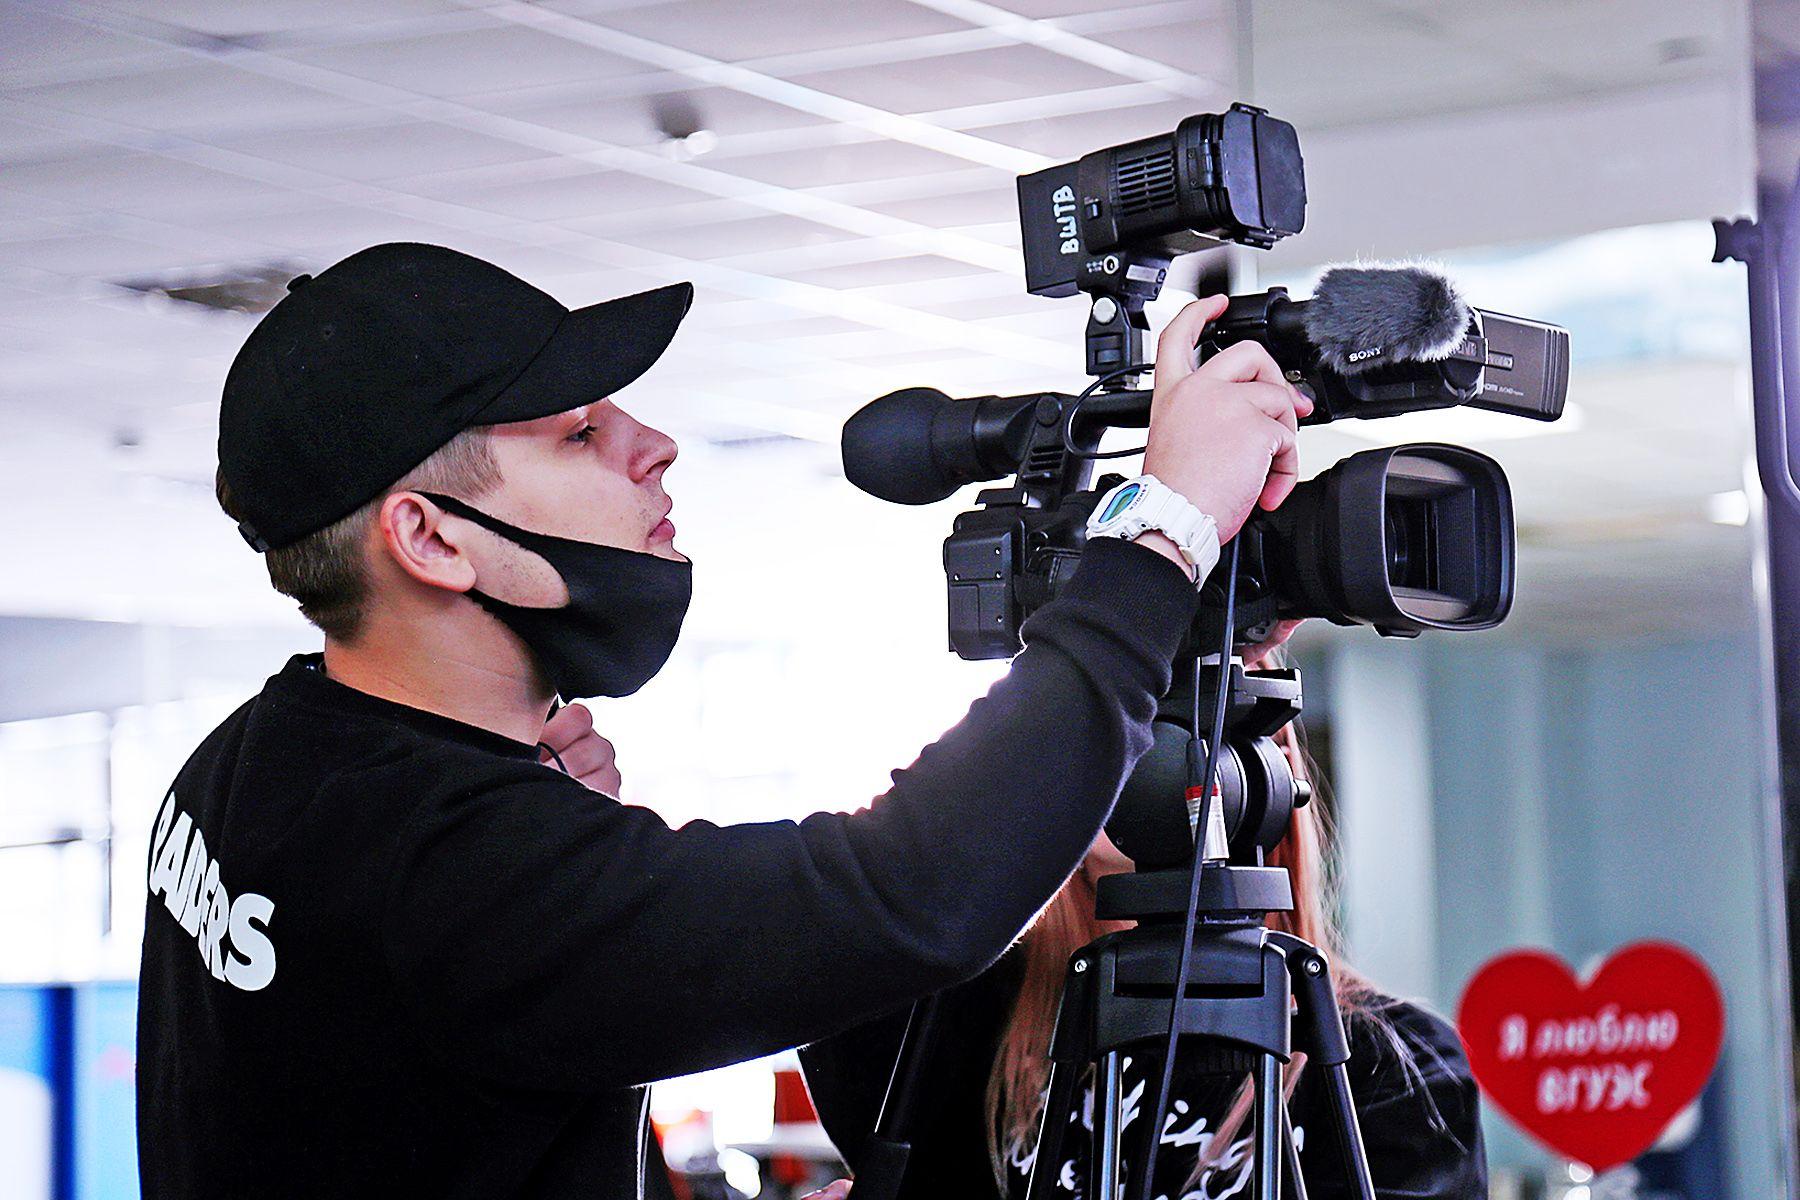 10-летие Центра волонтеров ВГУЭС, съемки клипа, цифровая мода: самое интересное в очередном выпуске ВГУЭС-LIFE